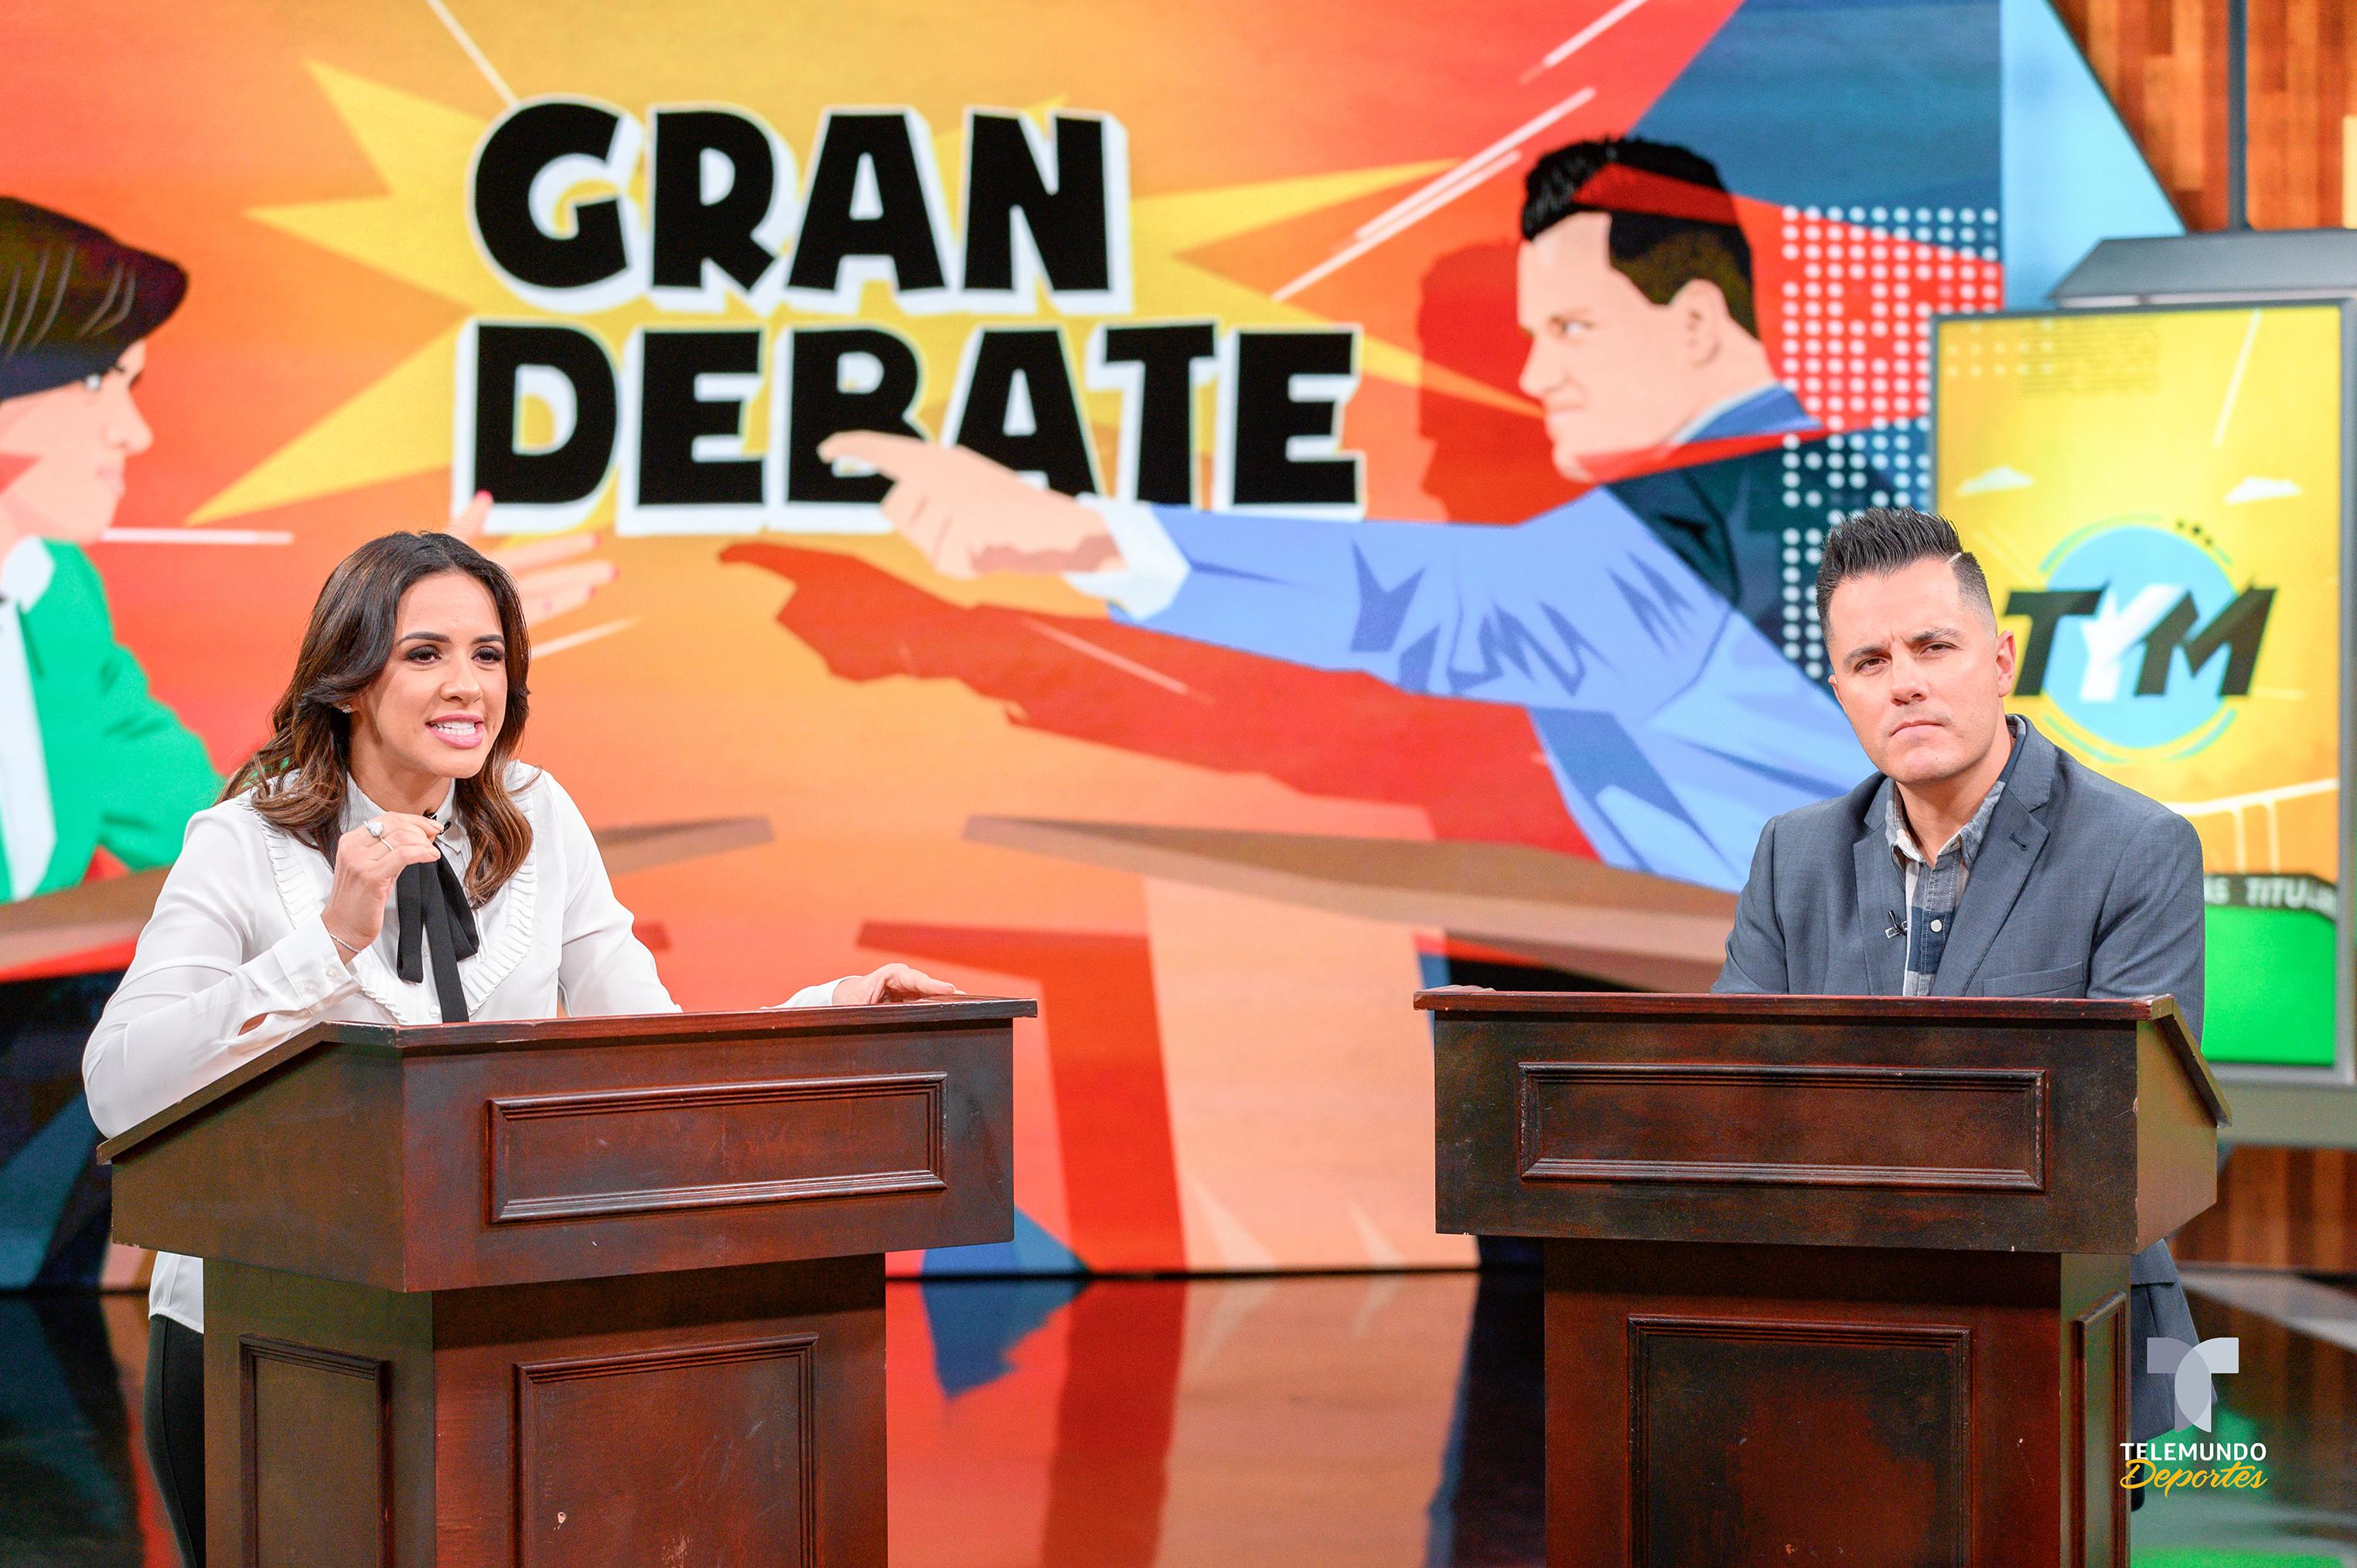 El show incluirá más debate. En la imagen, Jurka y Mendiburu. / Foto: Telemundo